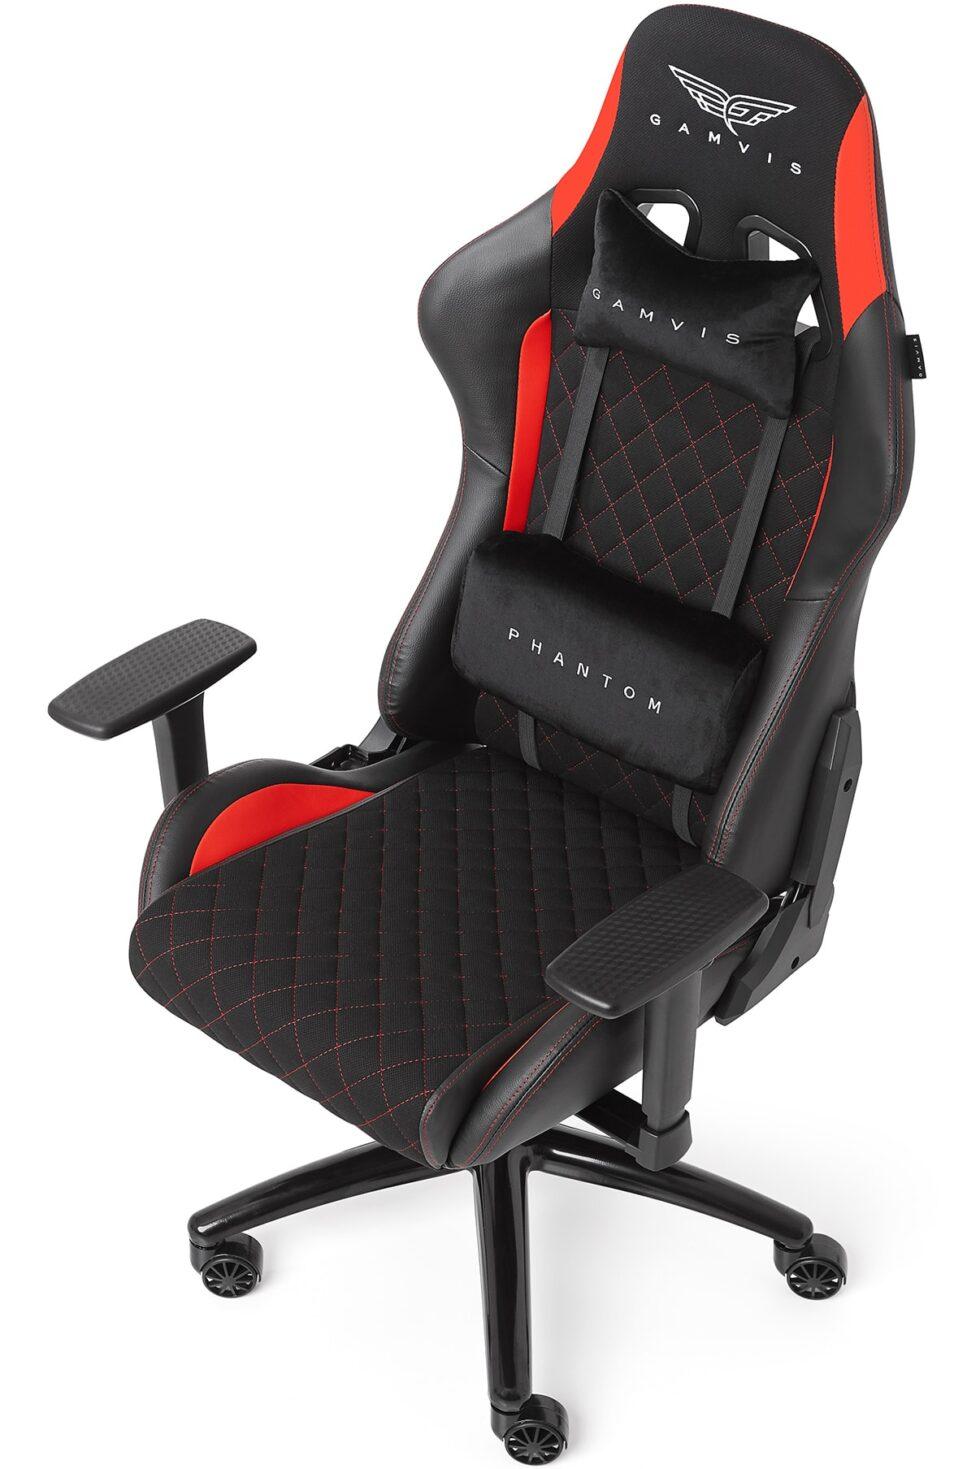 Materiałowy Fotel Gamingowy Gamvis PHANTOM Czerwony